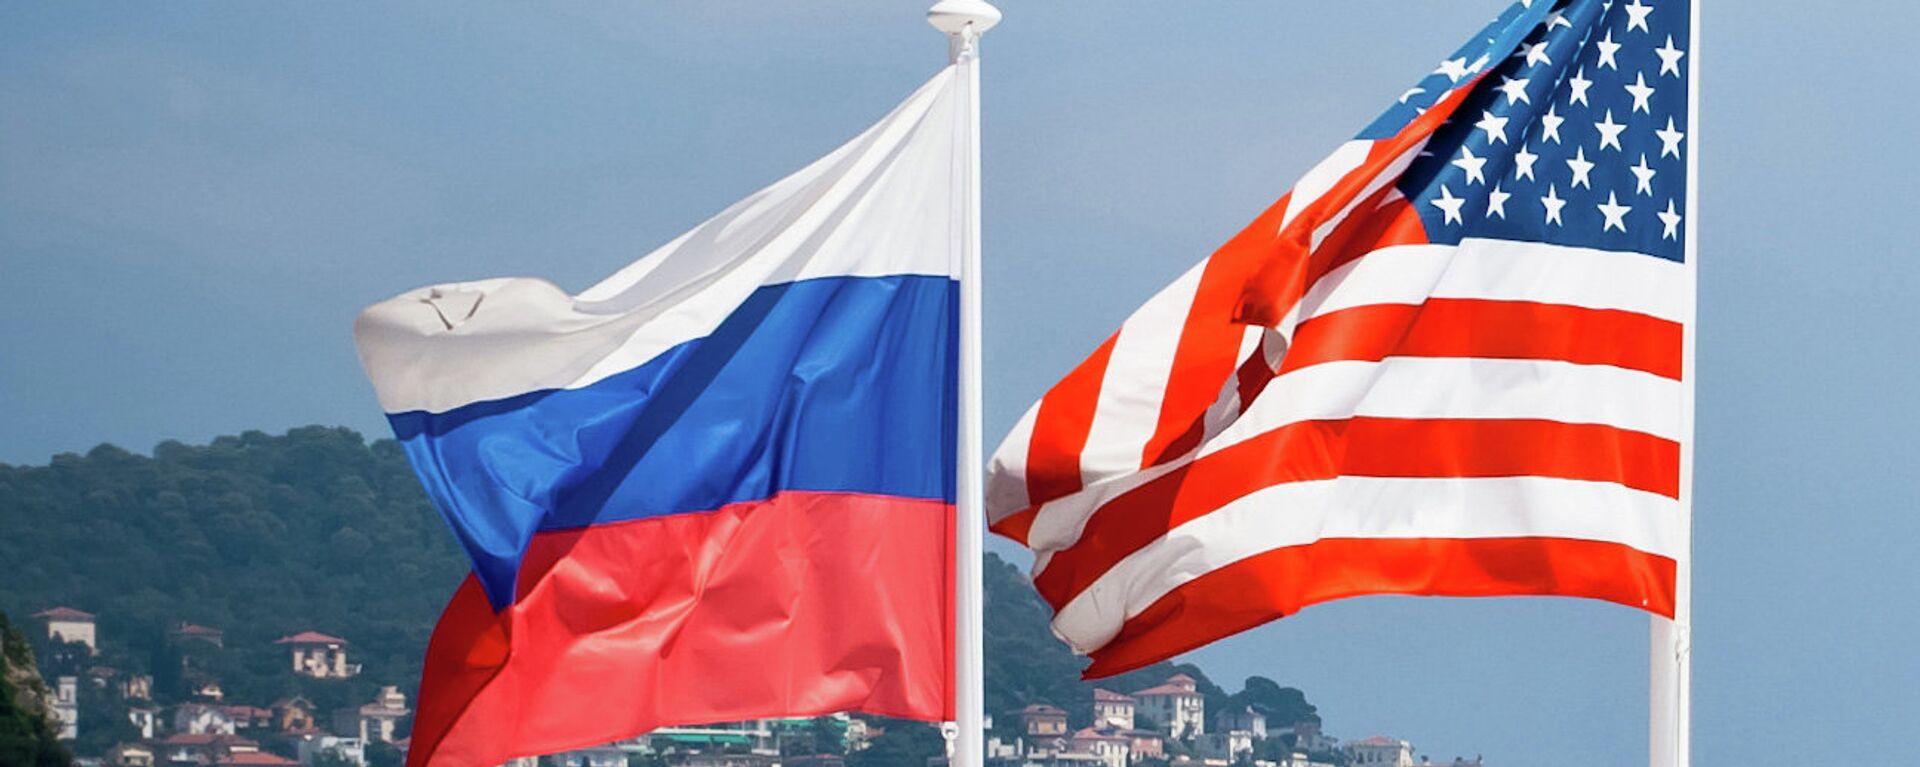 Russland und USA - Sputnik Česká republika, 1920, 17.06.2021